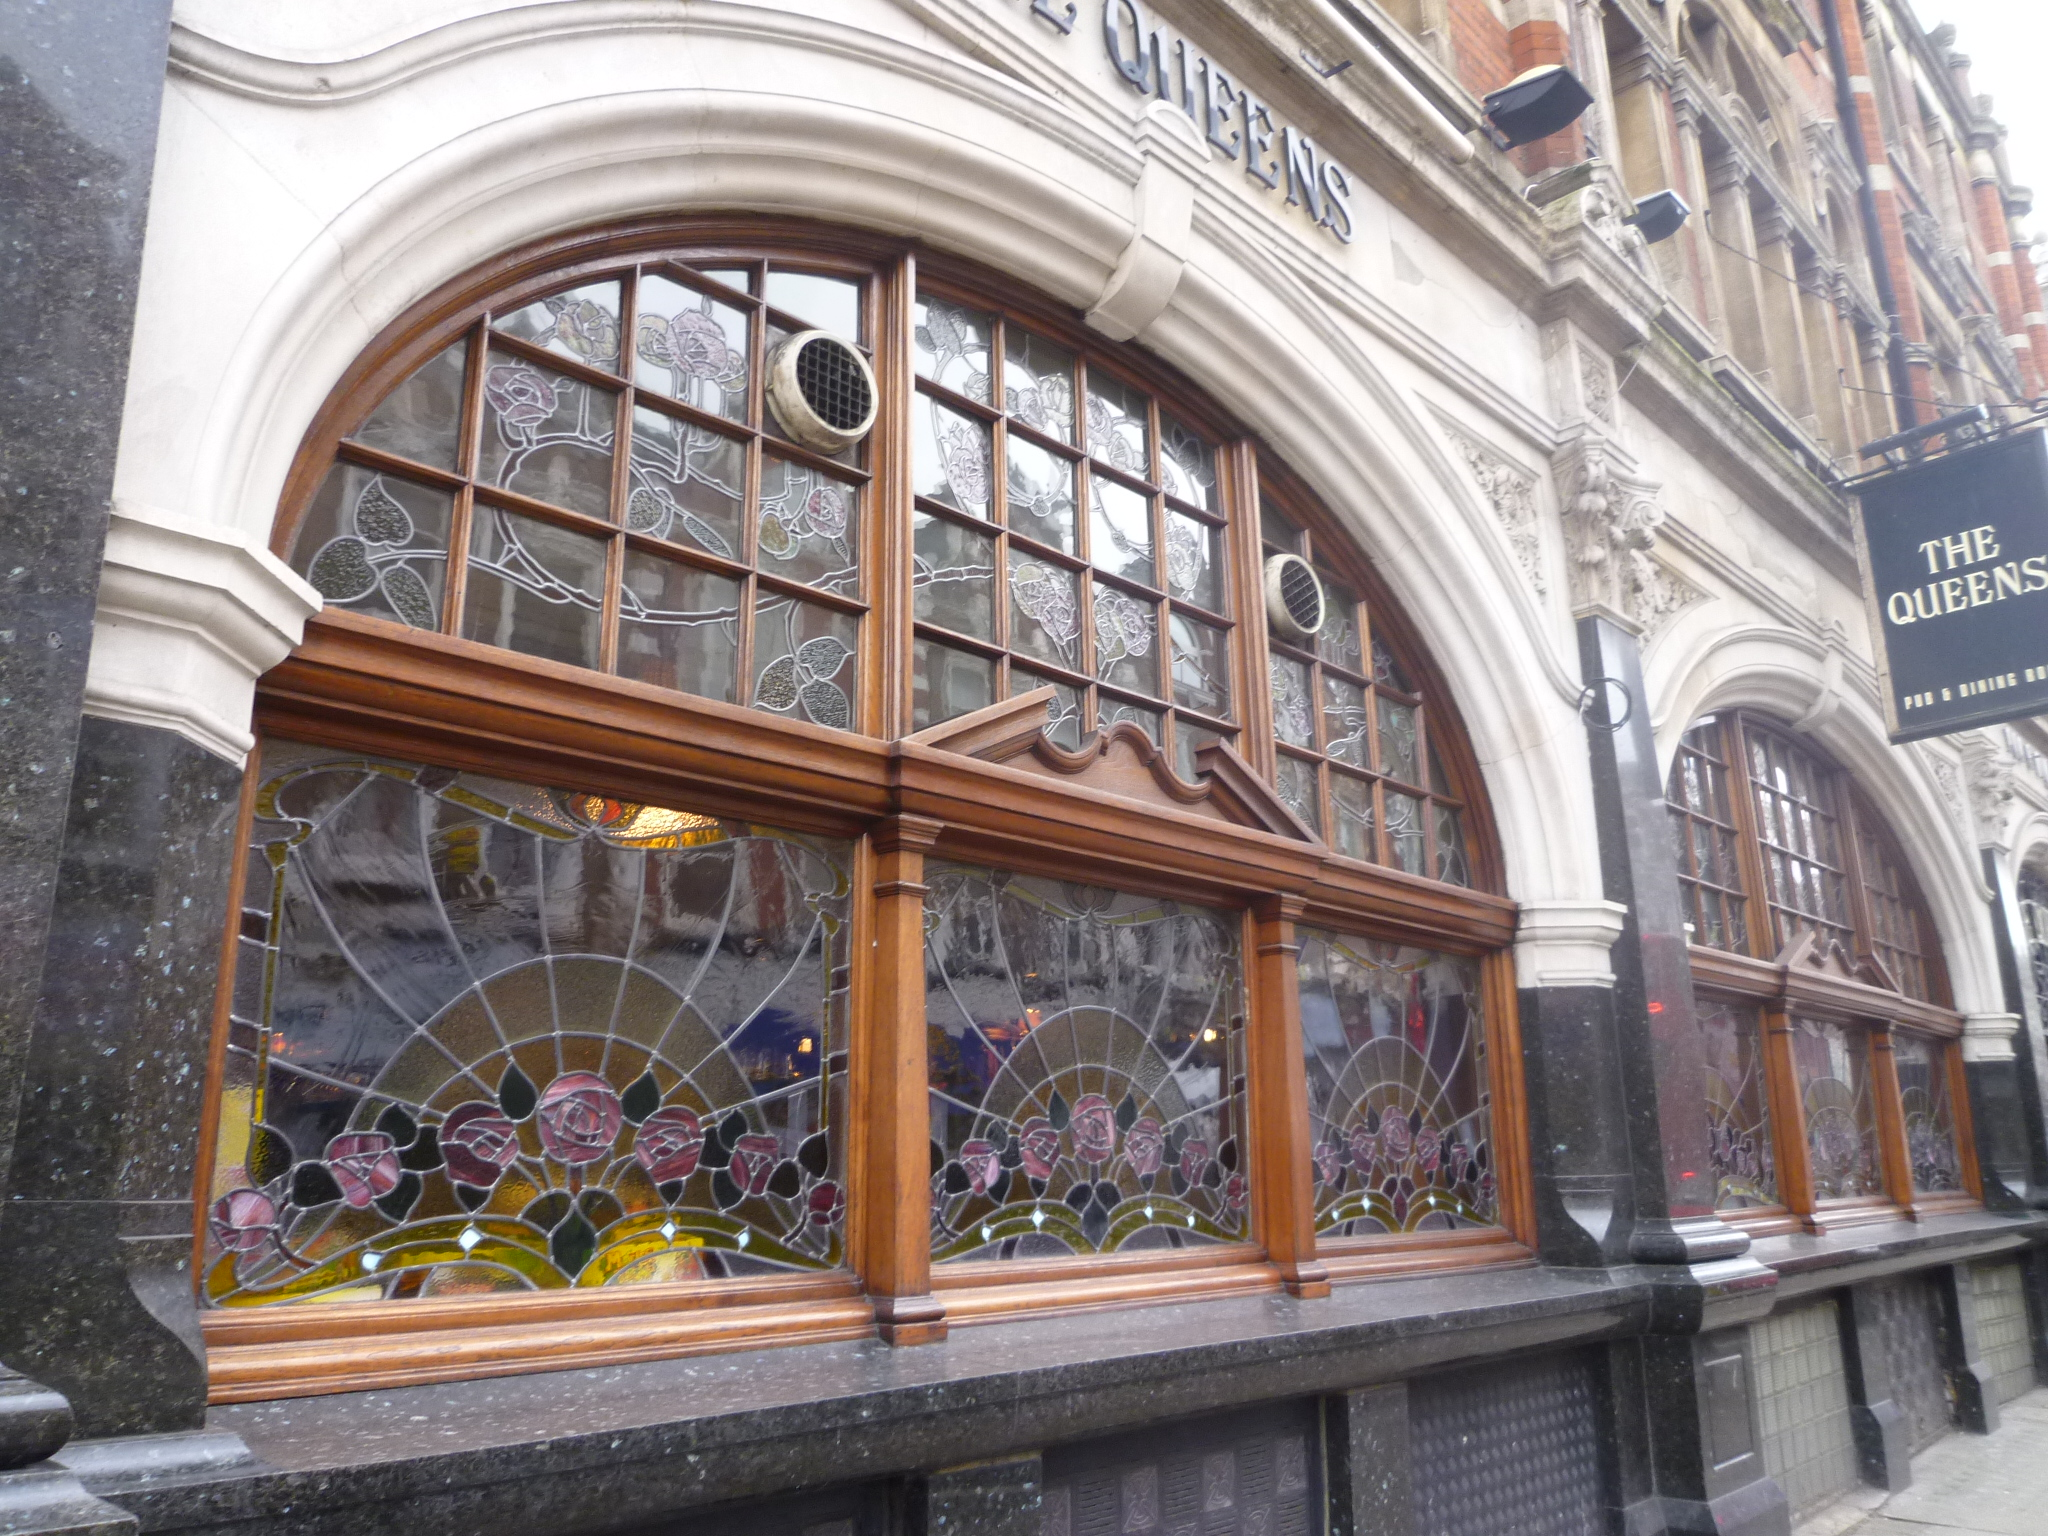 The Queens Pub, London | Culture24